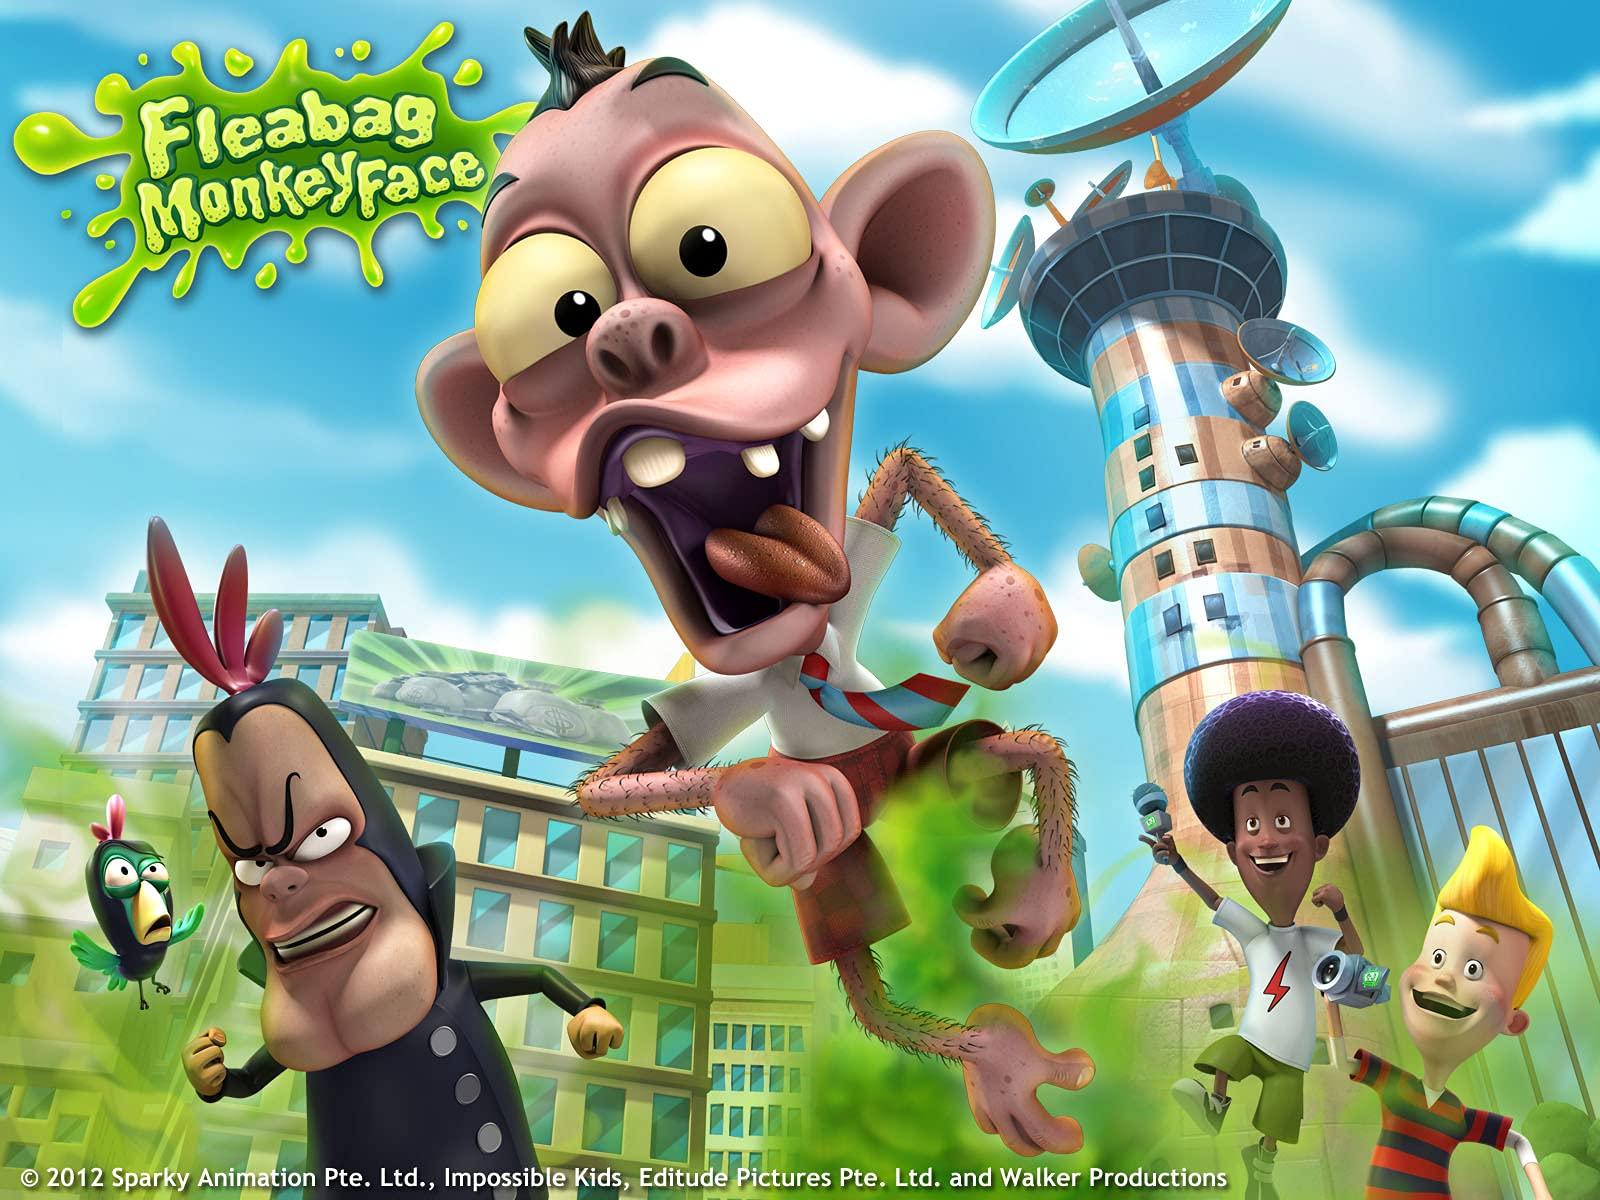 Fleabag Monkeyface - Season 1